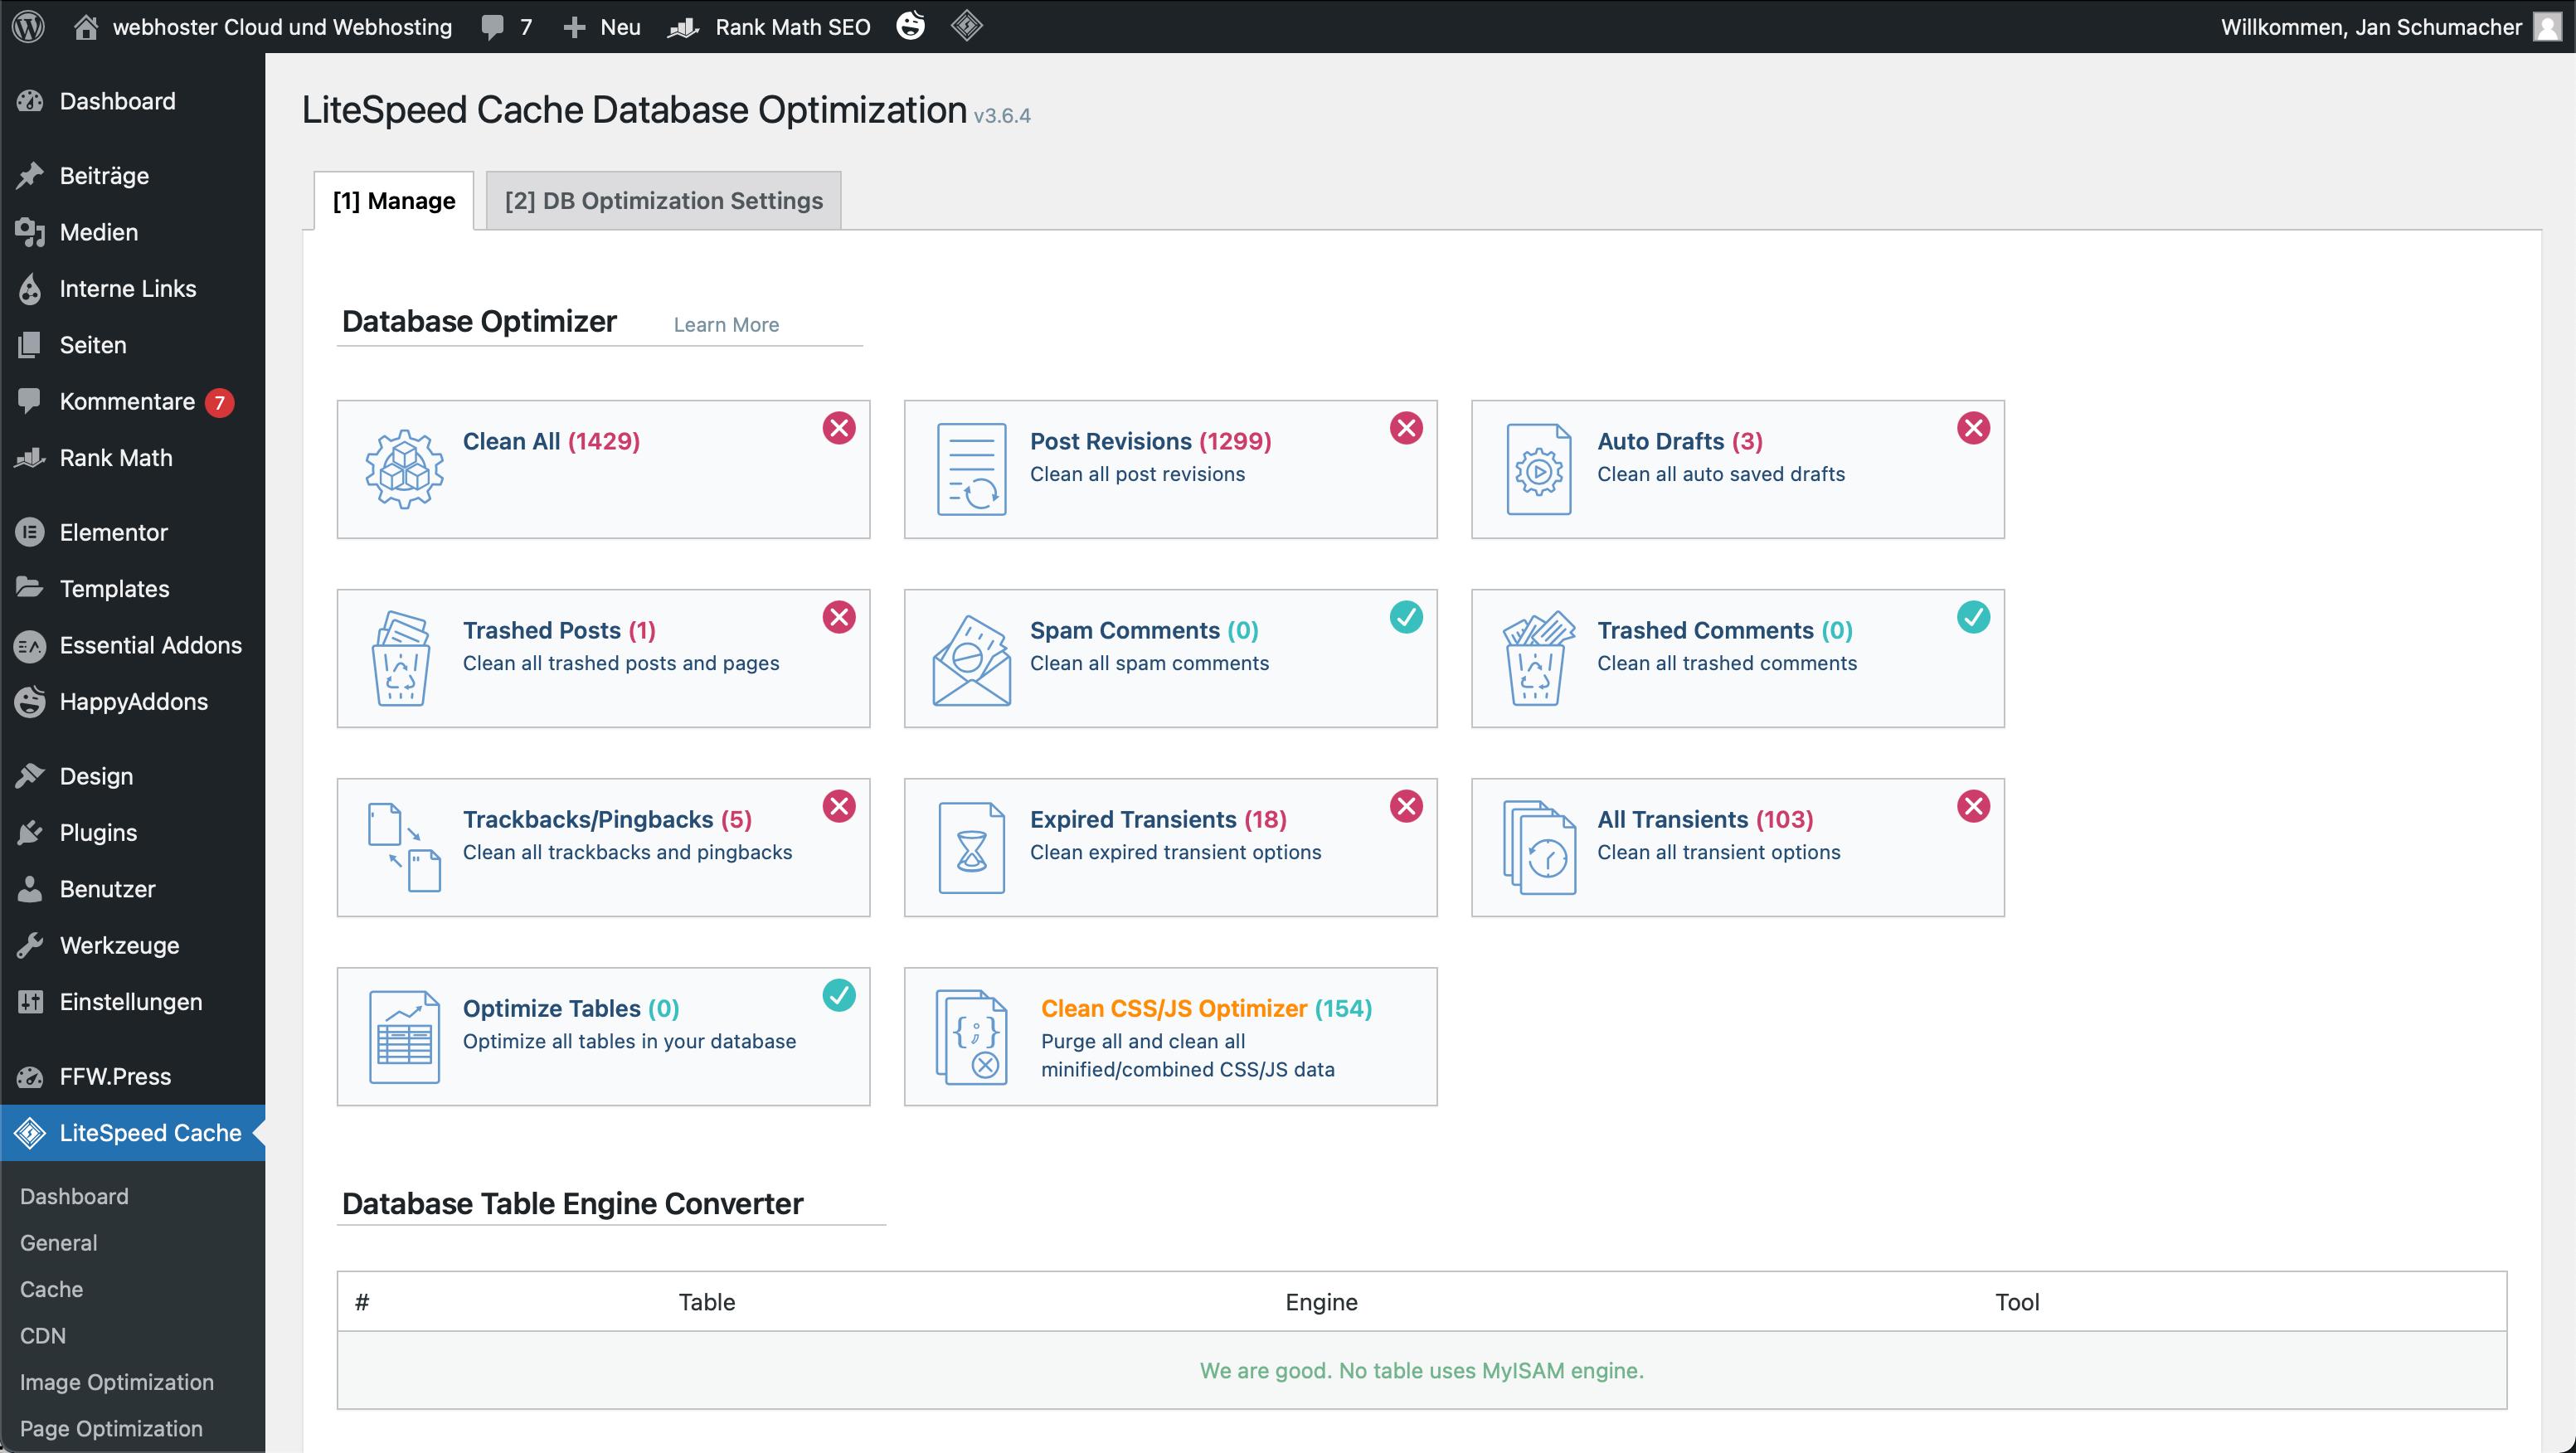 DB Optimierung mit LiteSpeed